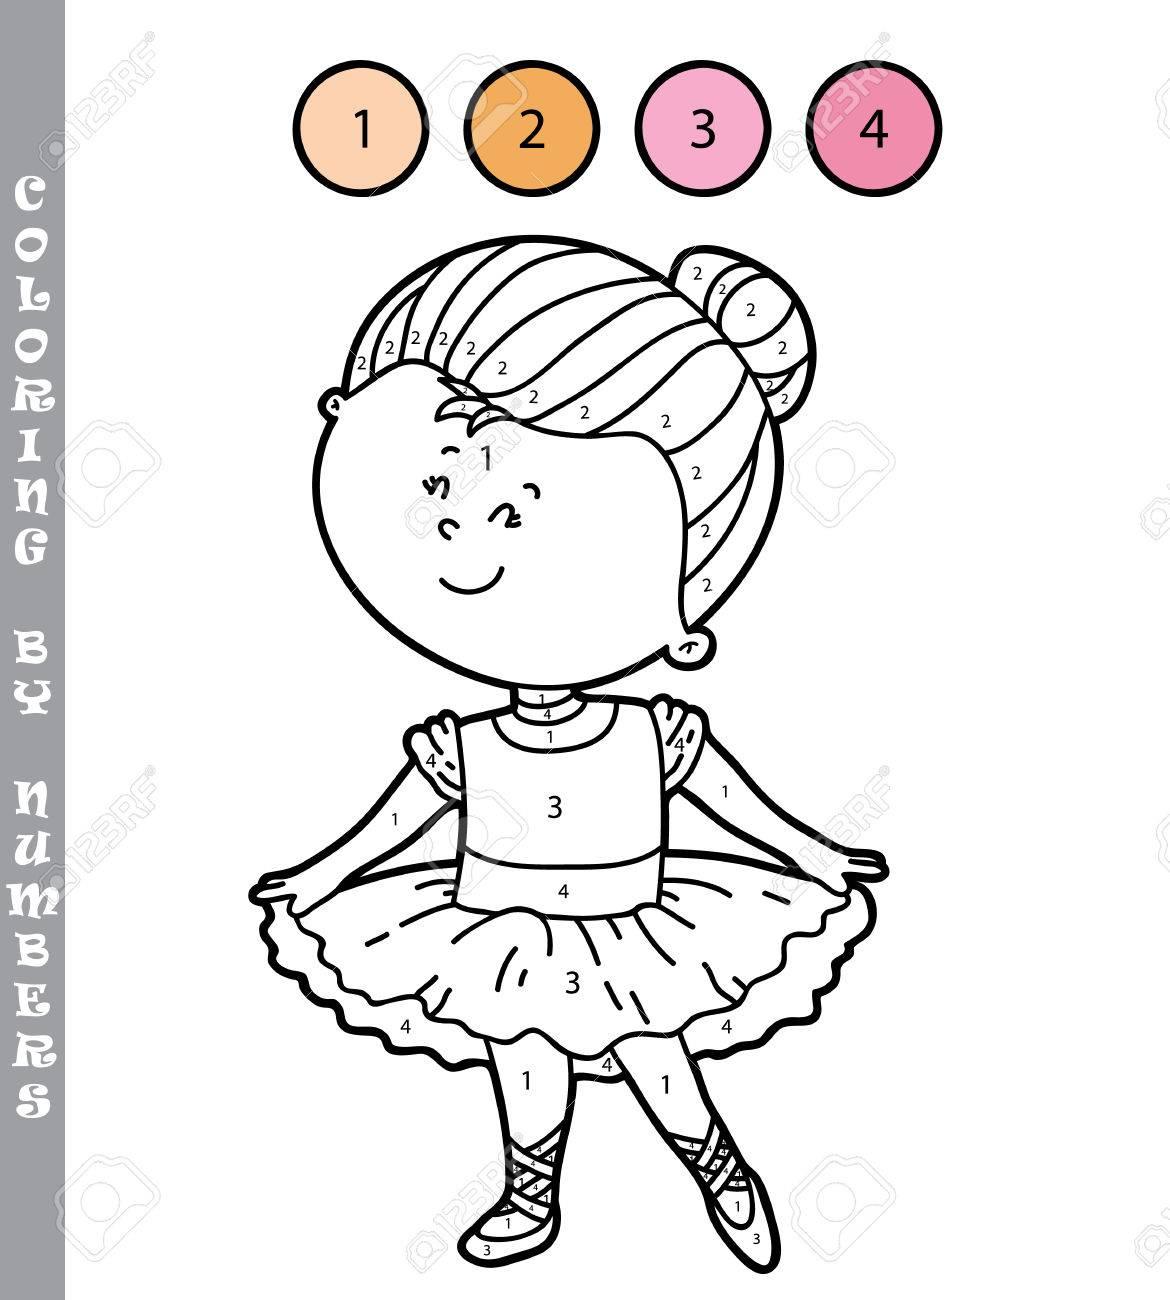 Ilustración Vectorial Para Colorear Por Números Juego Educativo Con La Niña De Dibujos Animados Para Los Niños